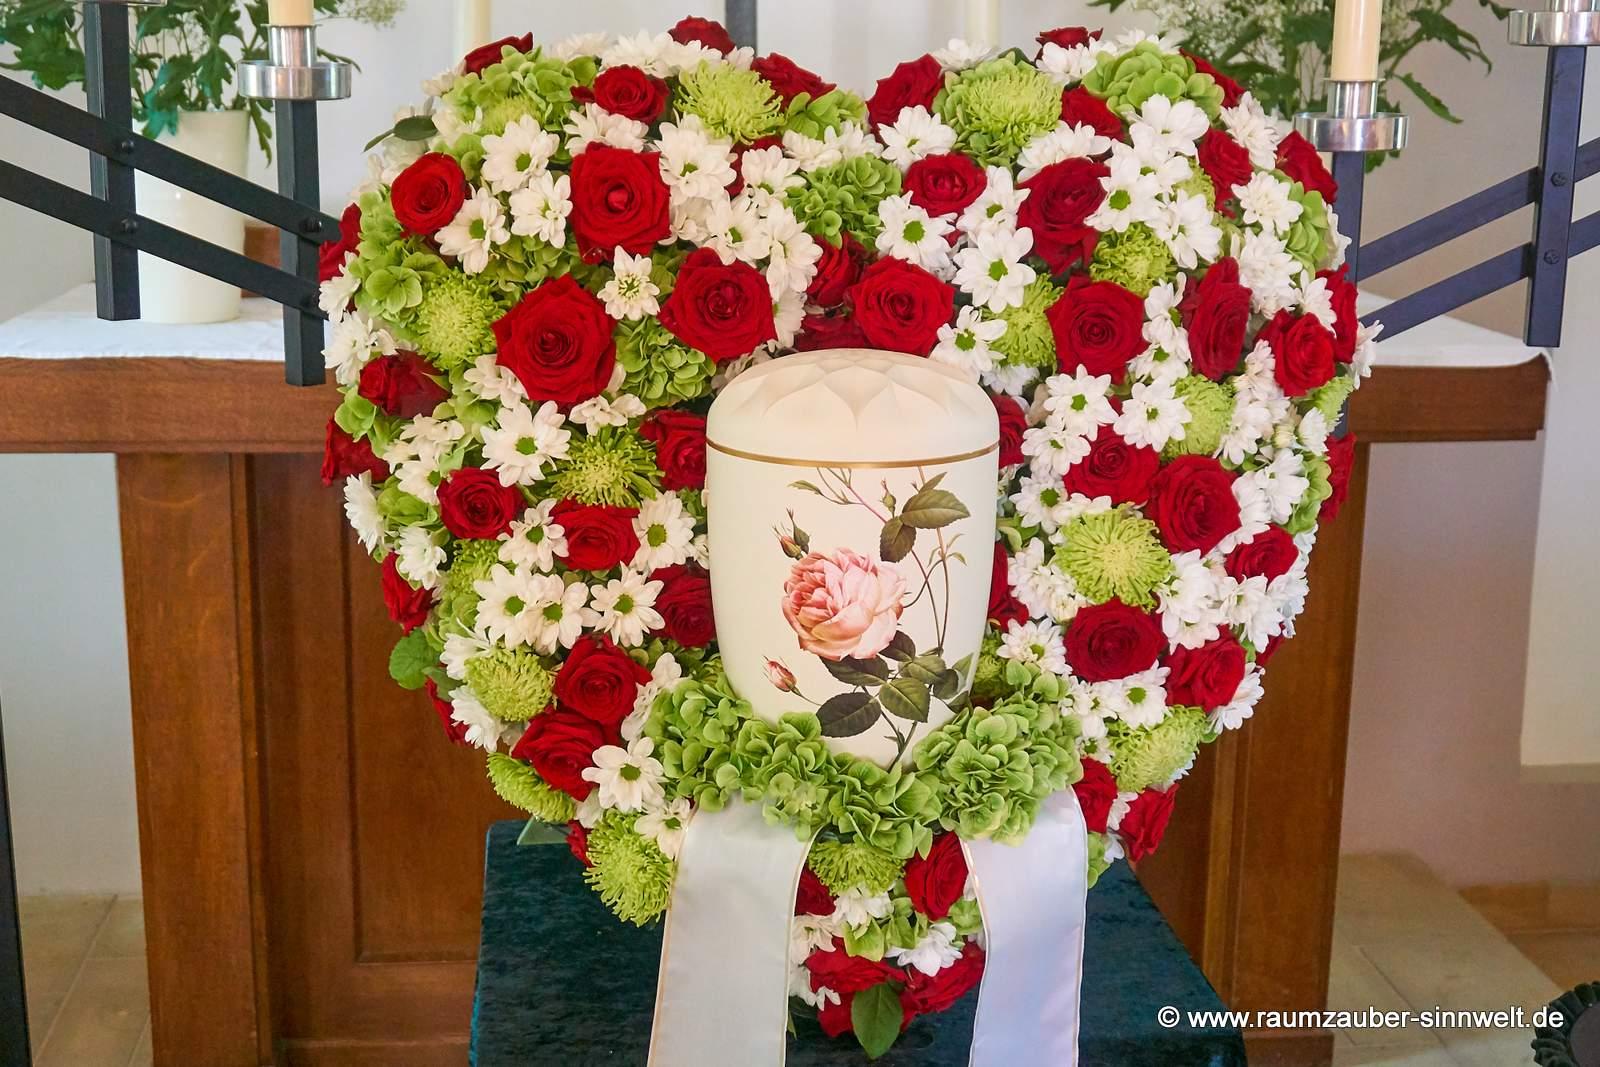 großes Urnenherz mit roten Rosen und weißen Blüten